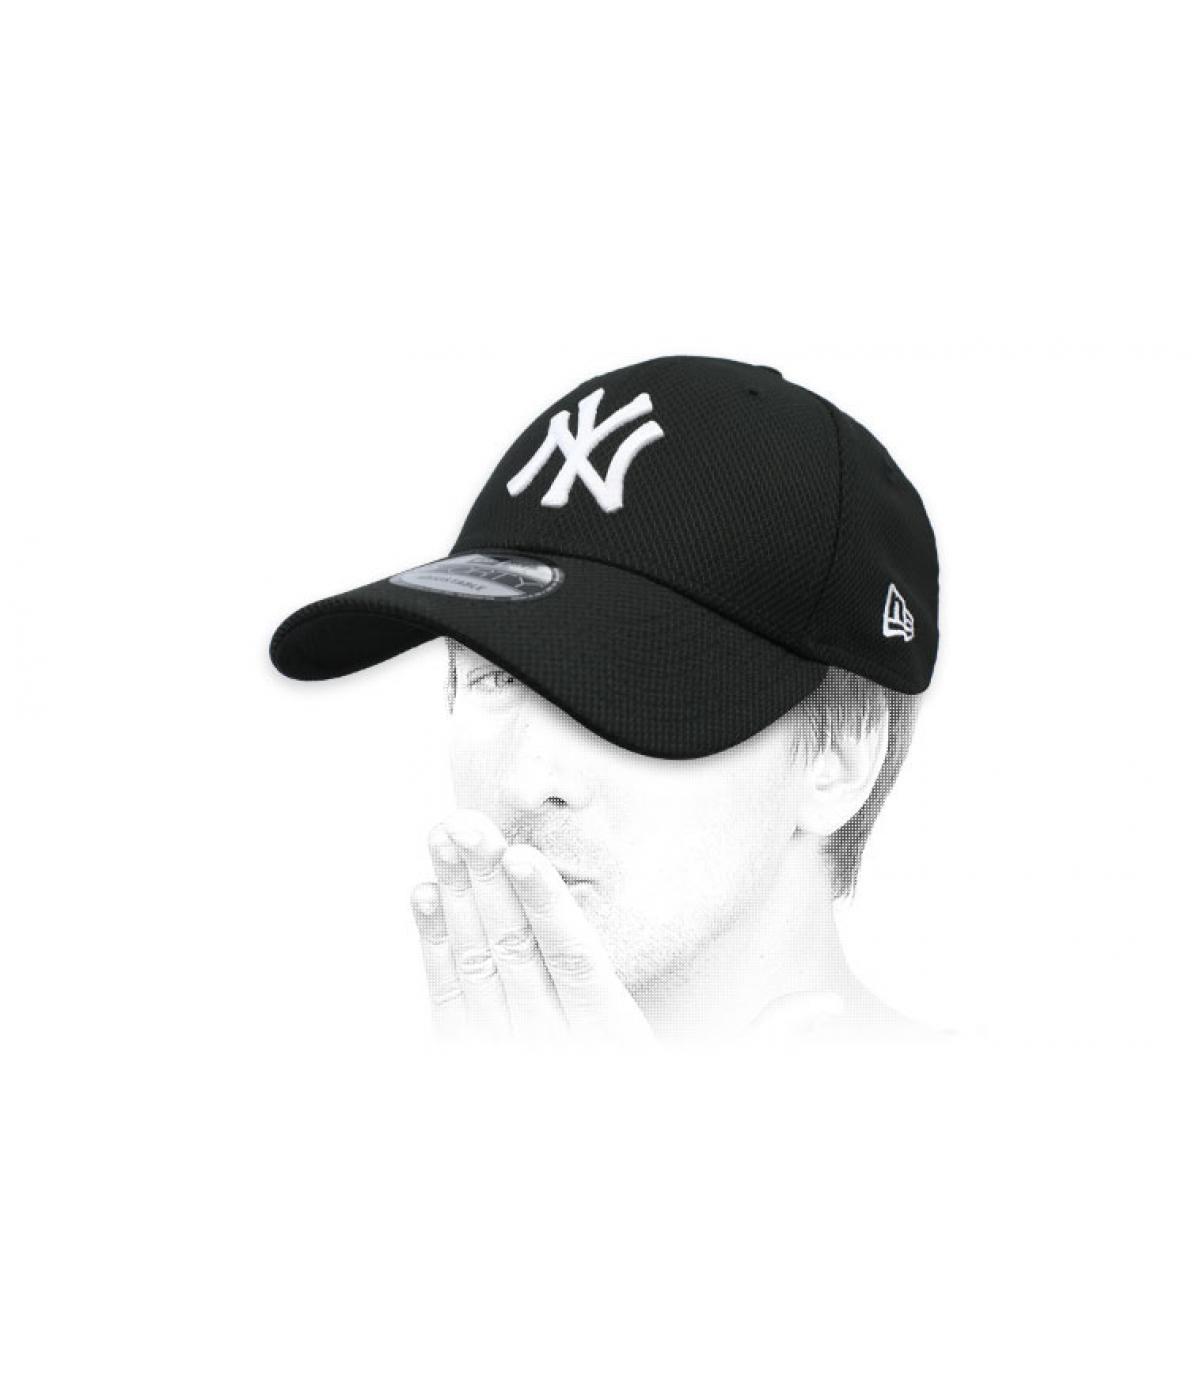 NY Diamond black cap